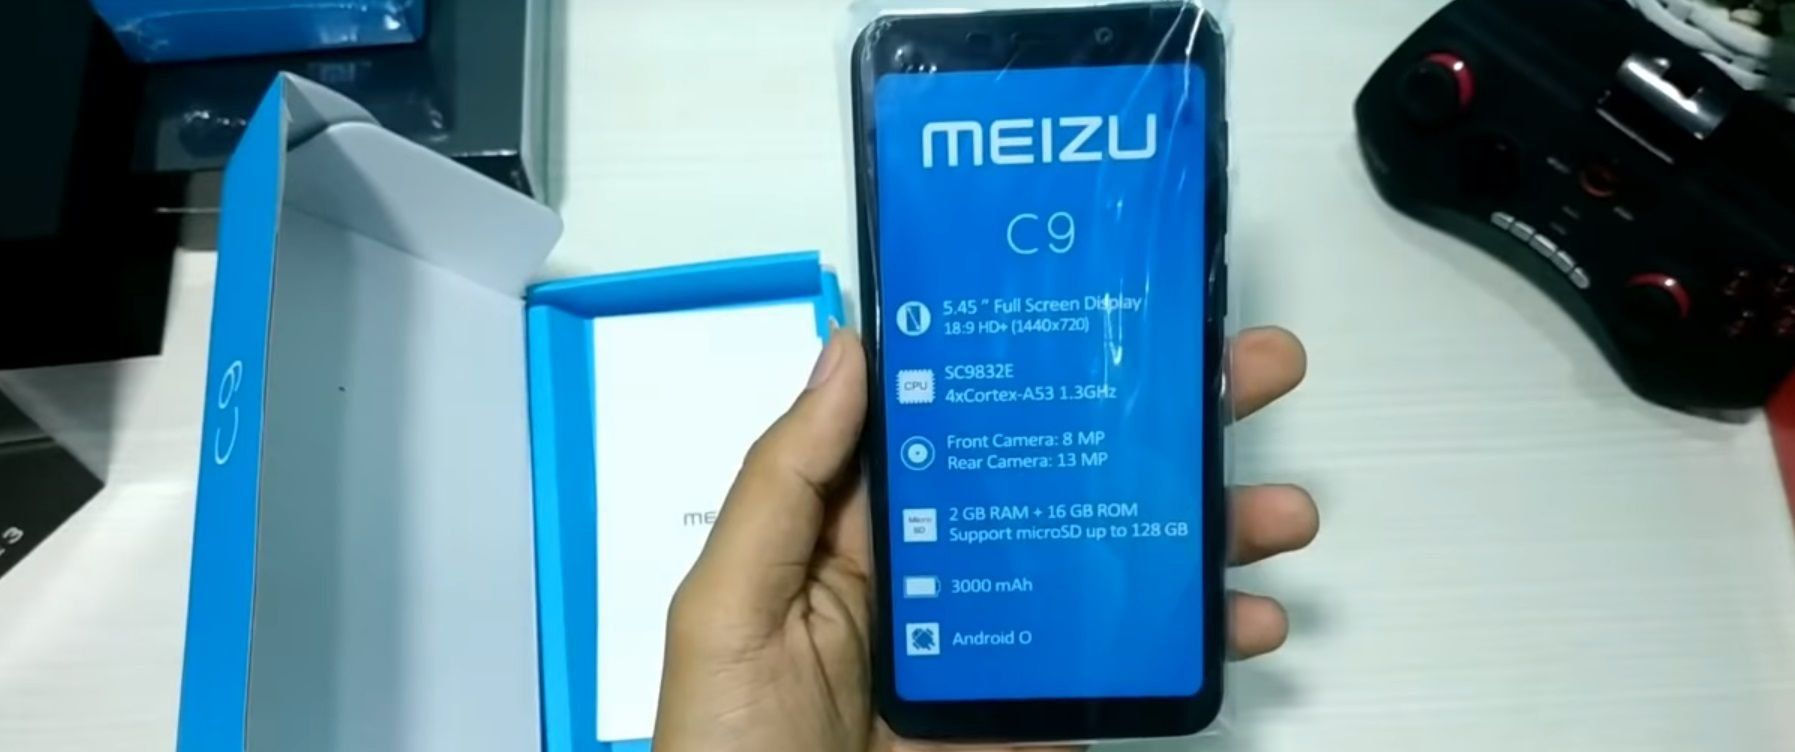 Смартфоны Meizu C9 и C9 Pro — достоинства и недостатки